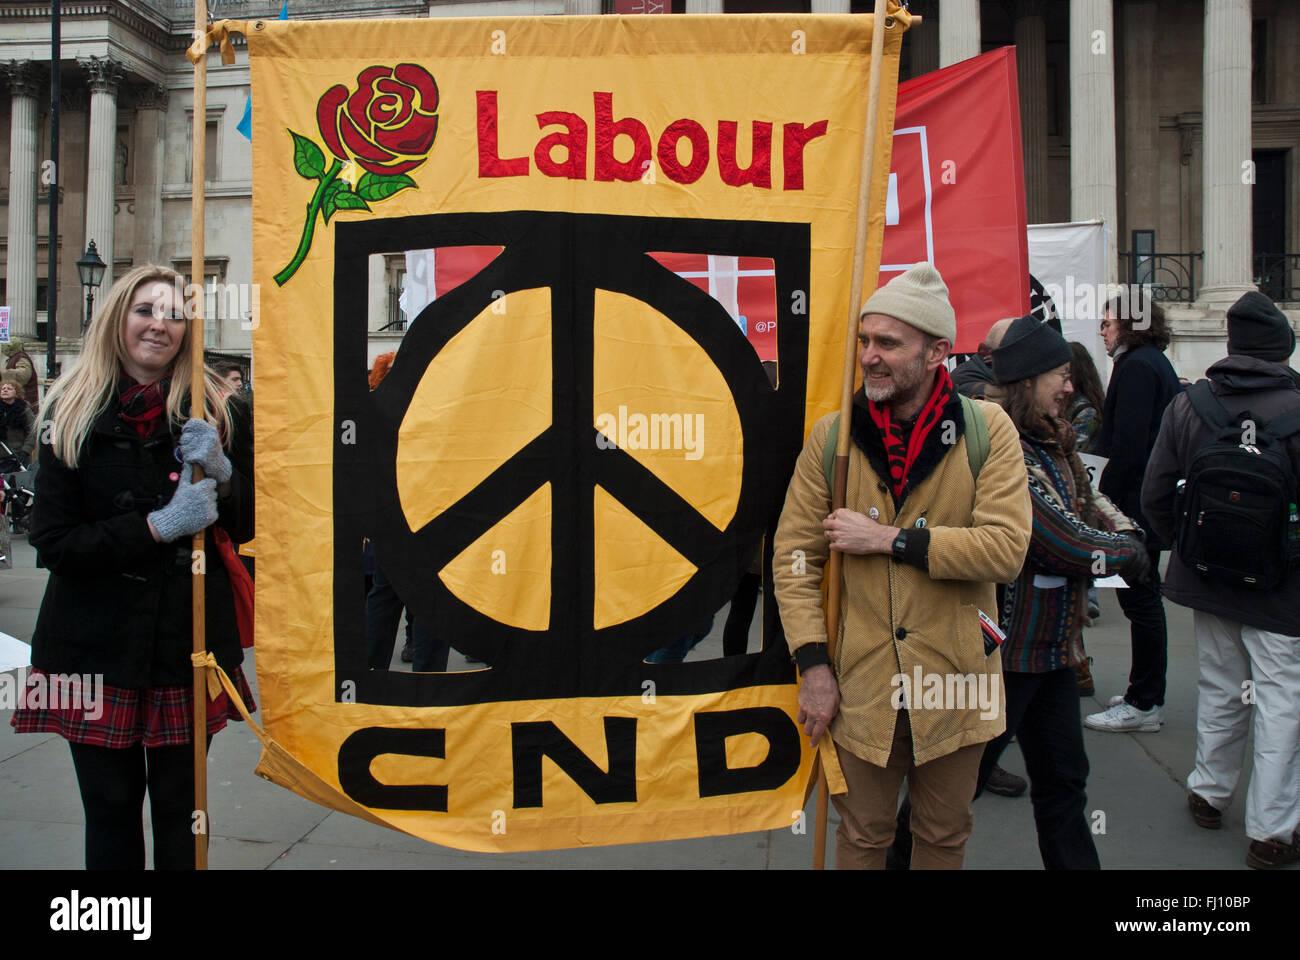 """Large banner collegando 'lavoro' e 'cnd"""" con il cnd simbolo essendo portato a anti trident dimostrazione. Immagini Stock"""